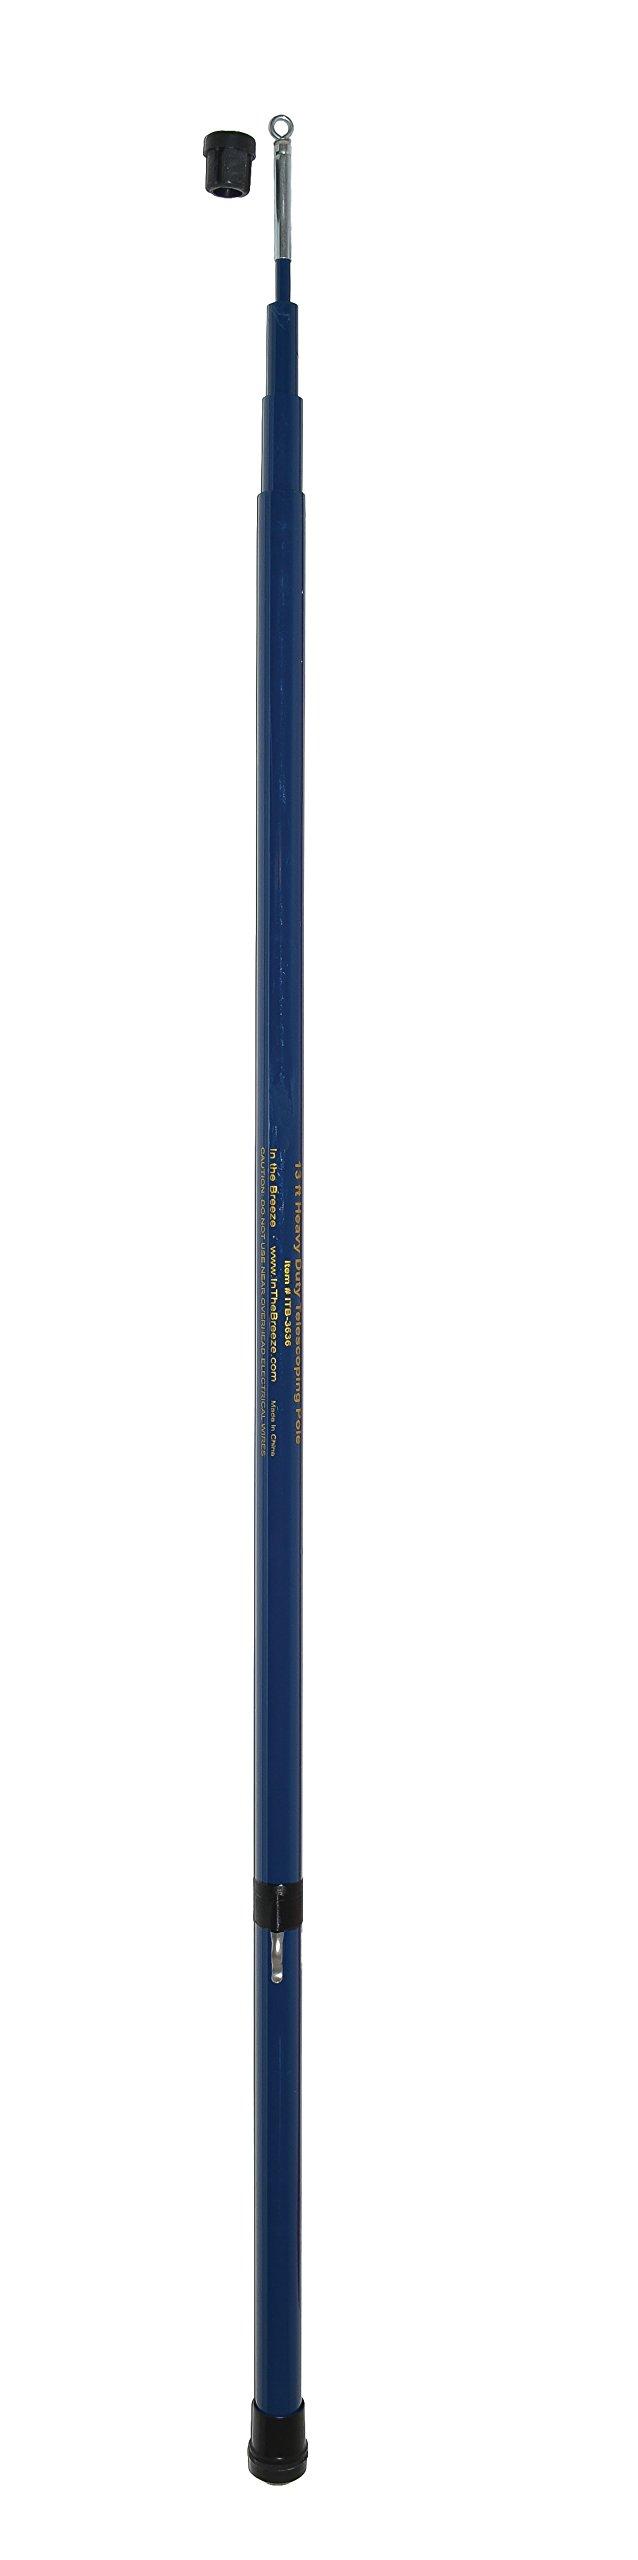 In the Breeze Heavy Duty Telescoping Pole - 13-Foot